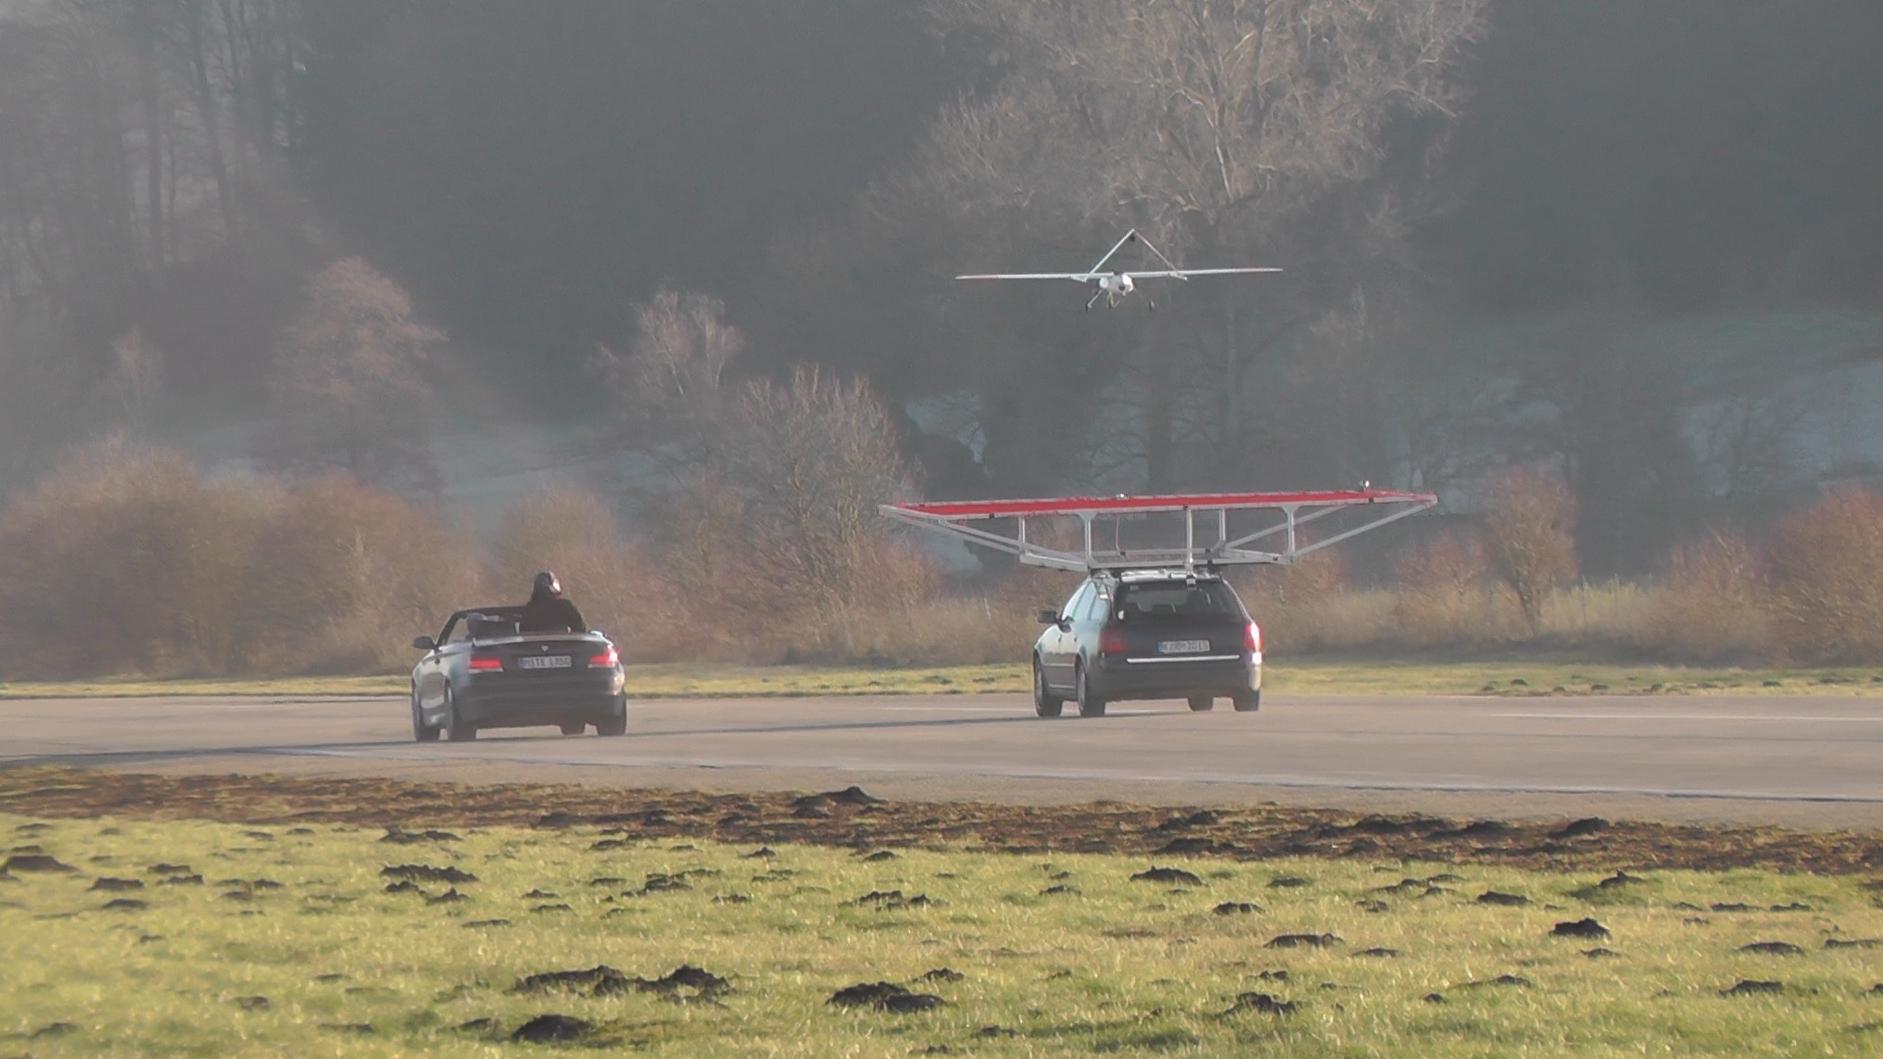 Drohne landet auf fahrendem Auto